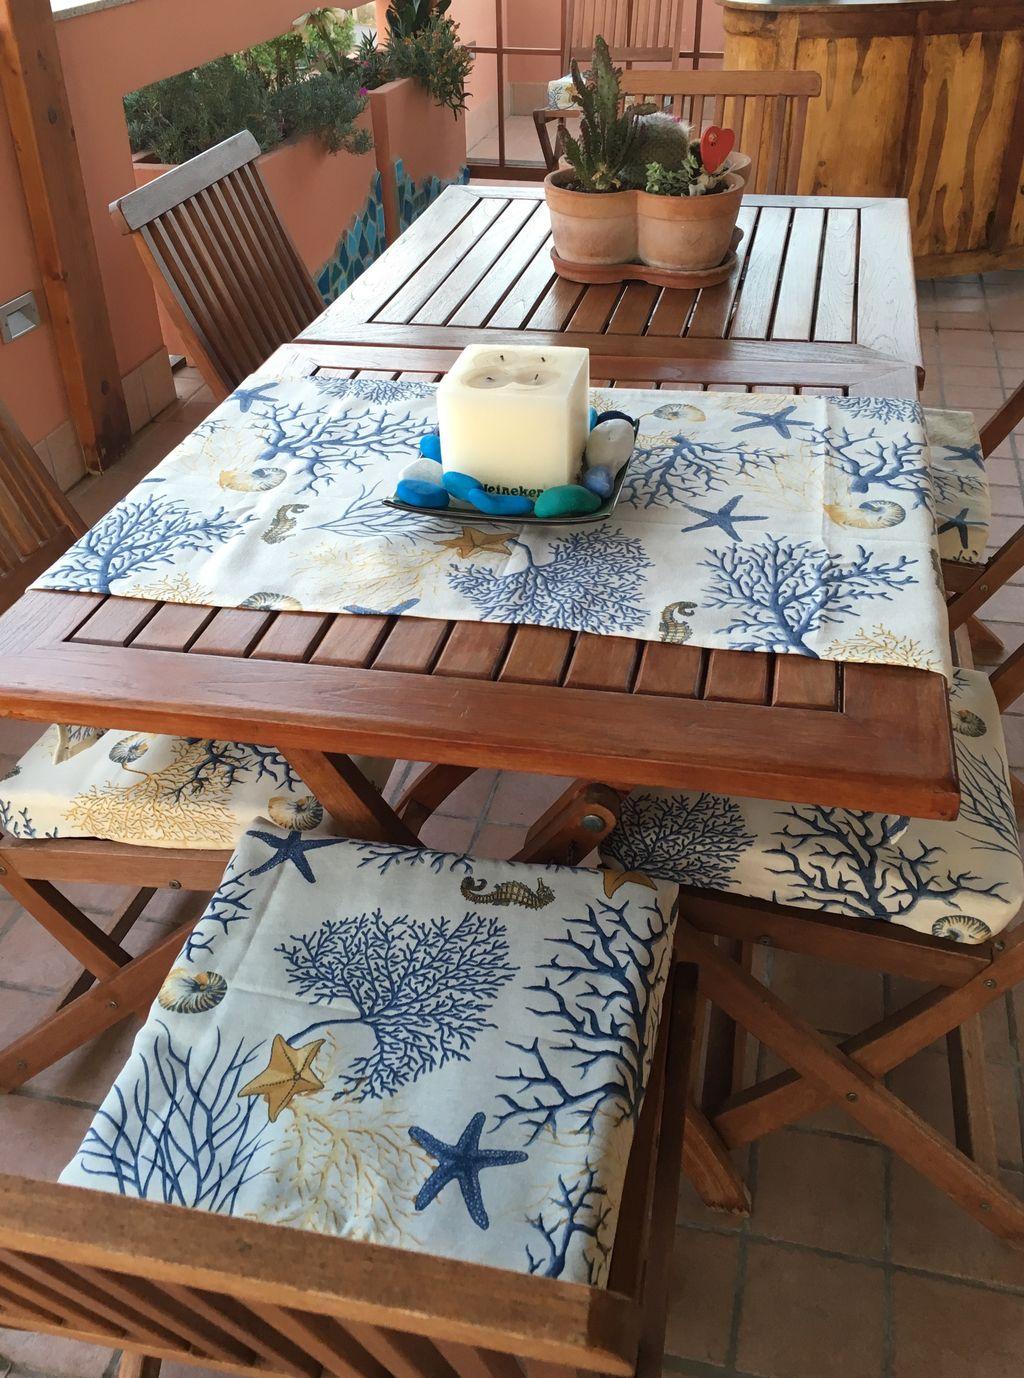 Cuscino copri sedia marina - Cuscino copri sedia marina